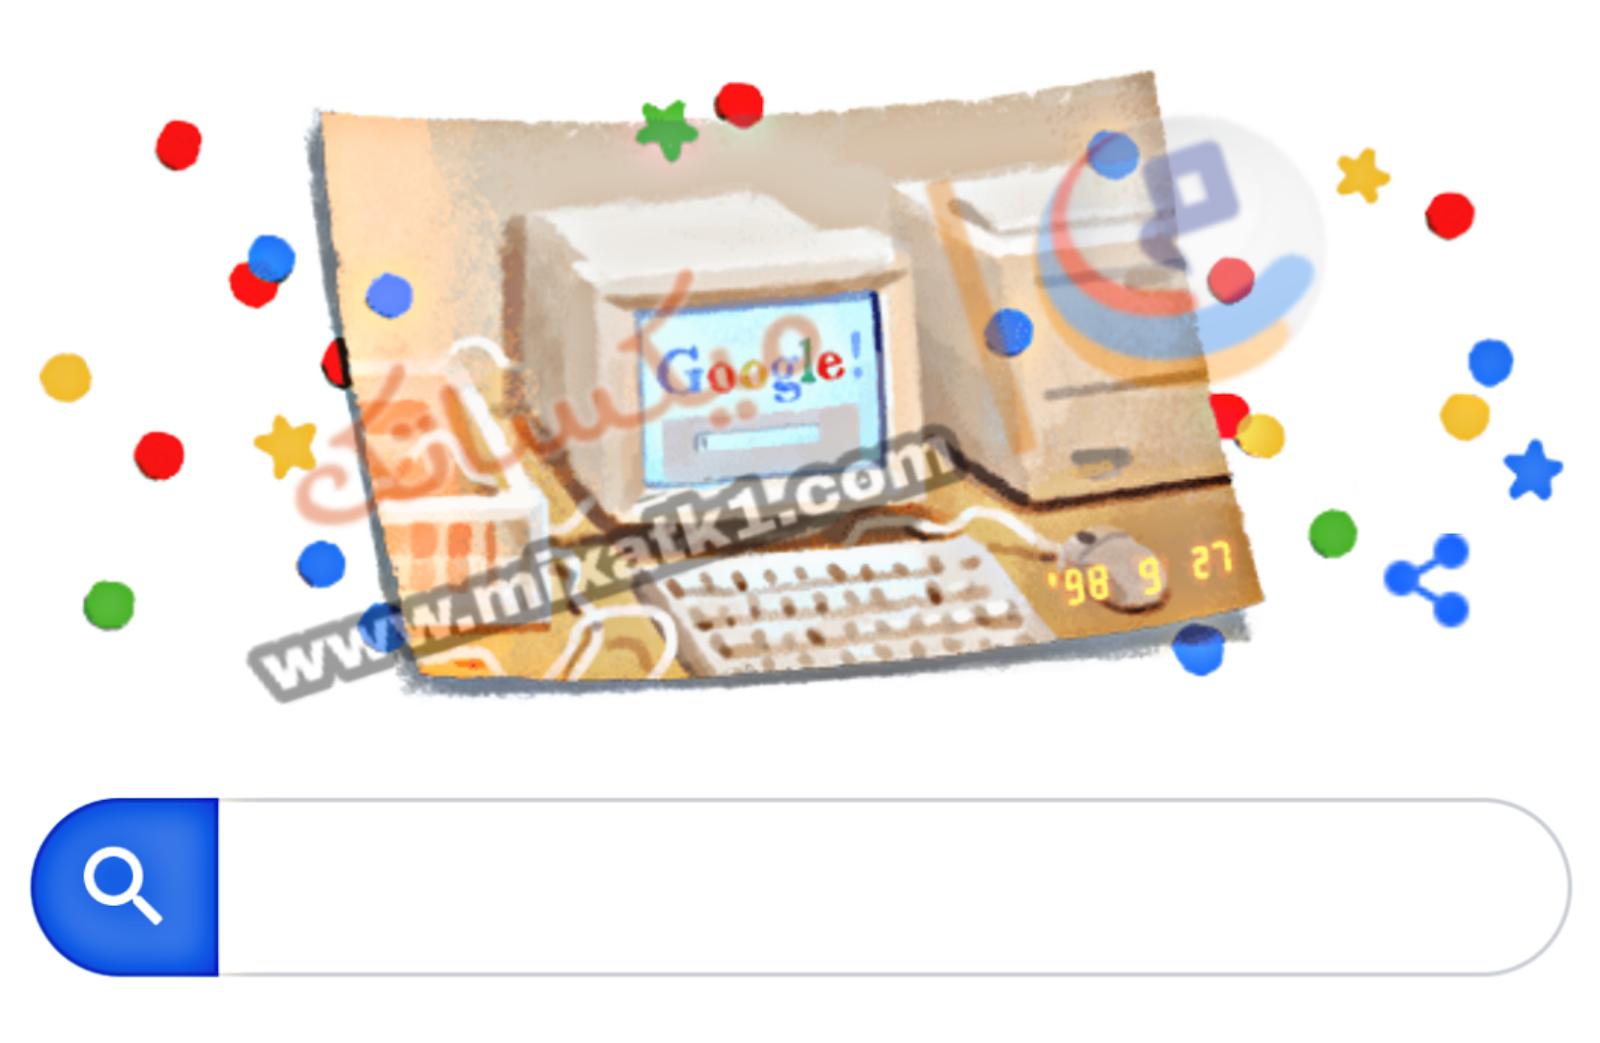 شركة جوجل, Google, ذكرى تأسيس جوجل, جوجل, ذكري تأسيس Google ال21